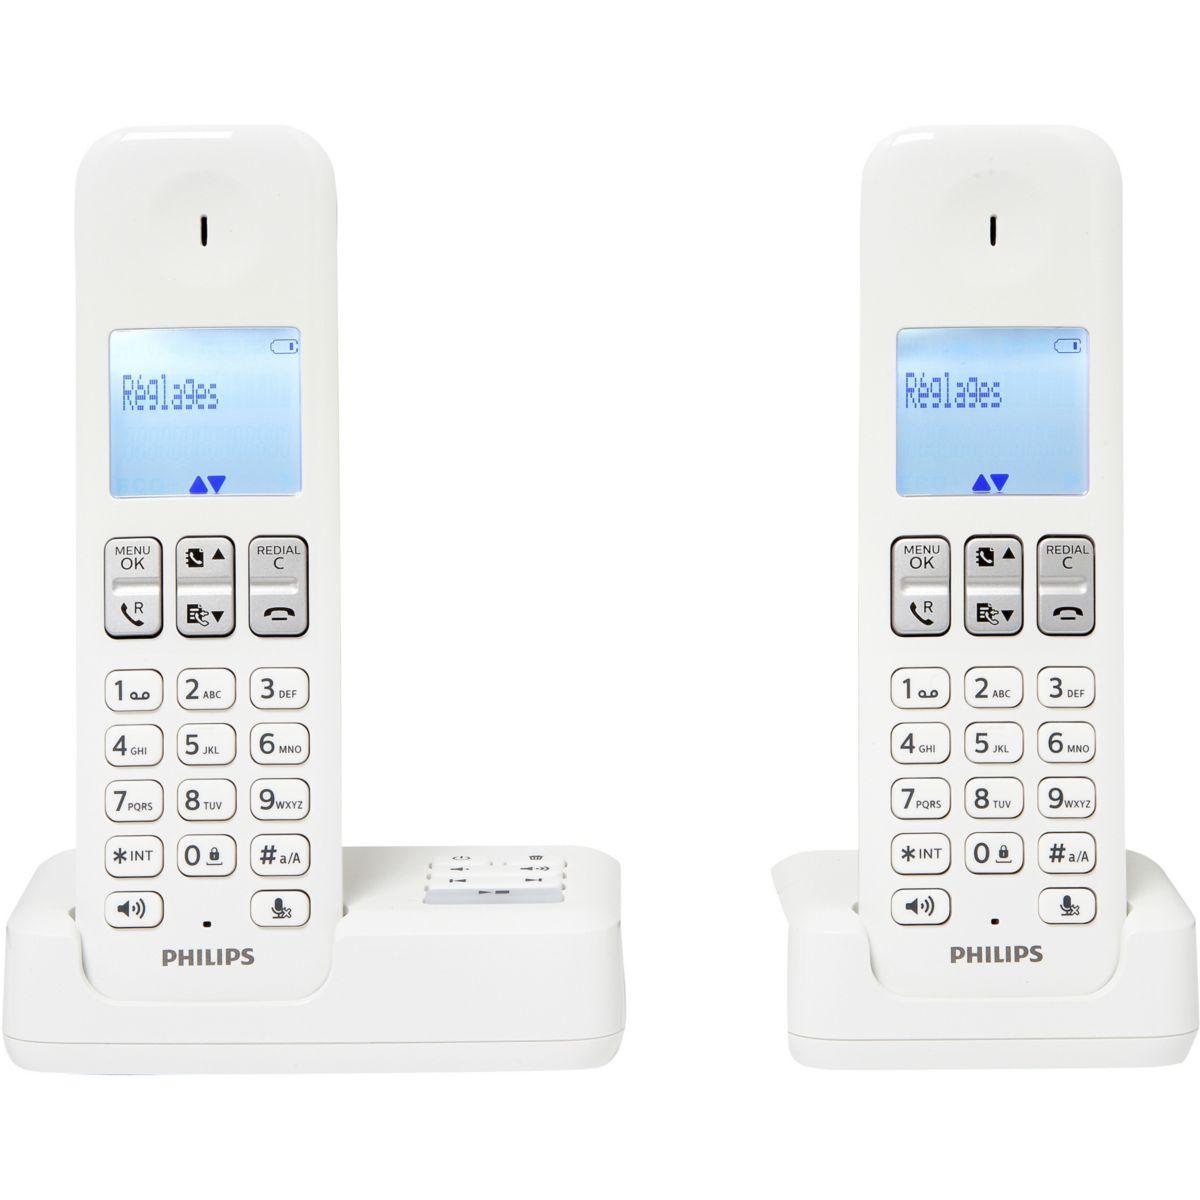 Téléphone répondeur sans fil duo philips d2352w/fr blanc - 3% de remise immédiate avec le code : multi3 (photo)